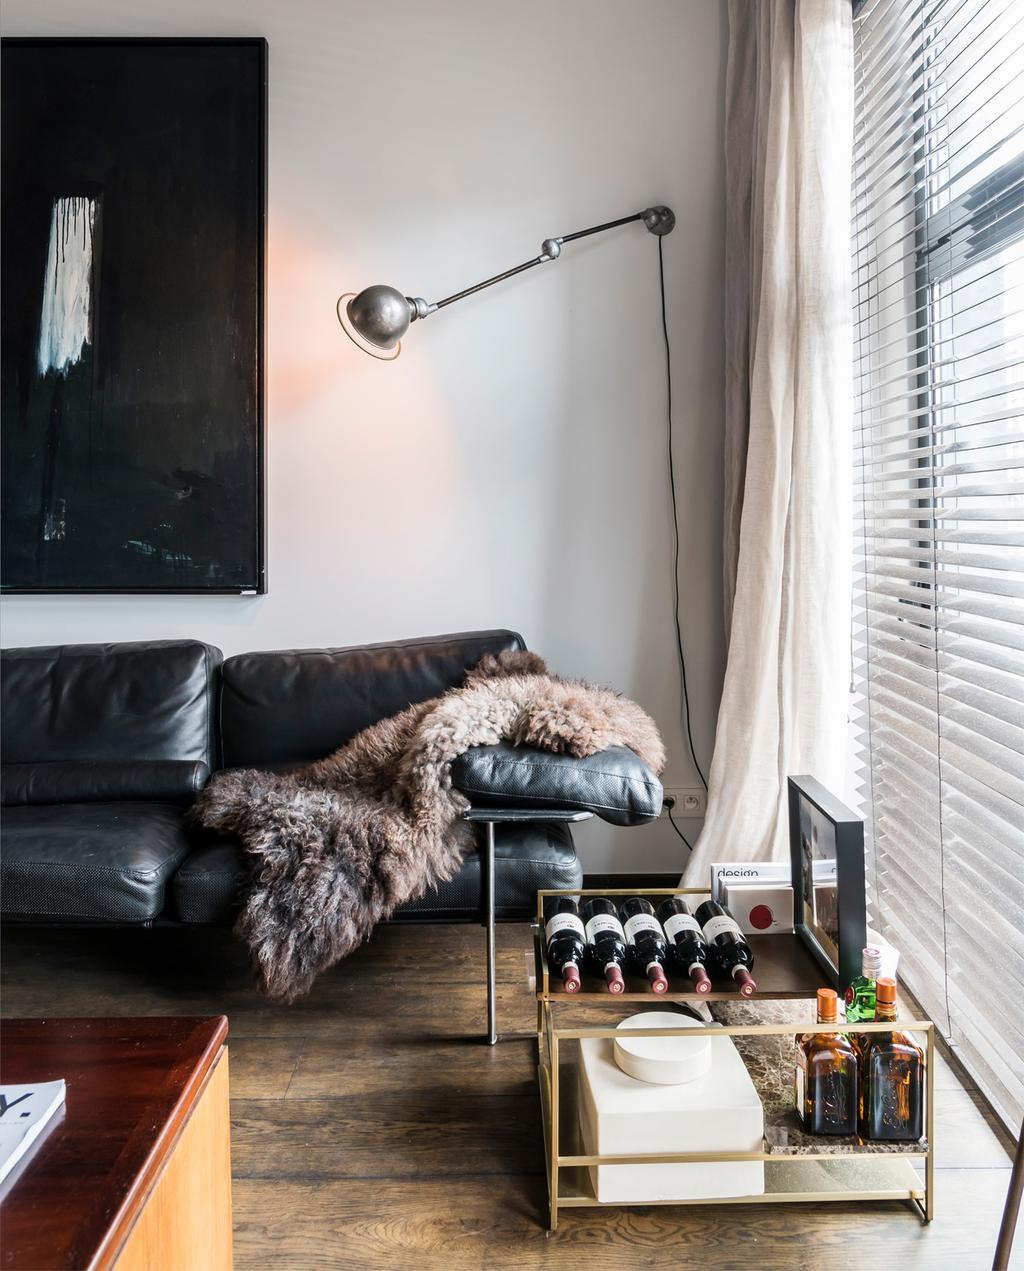 vtwonen 10-2020 | Appartement vol vintage design in Antwerpen vintage zwarte leren bank, wijnrek en zwart schilderij